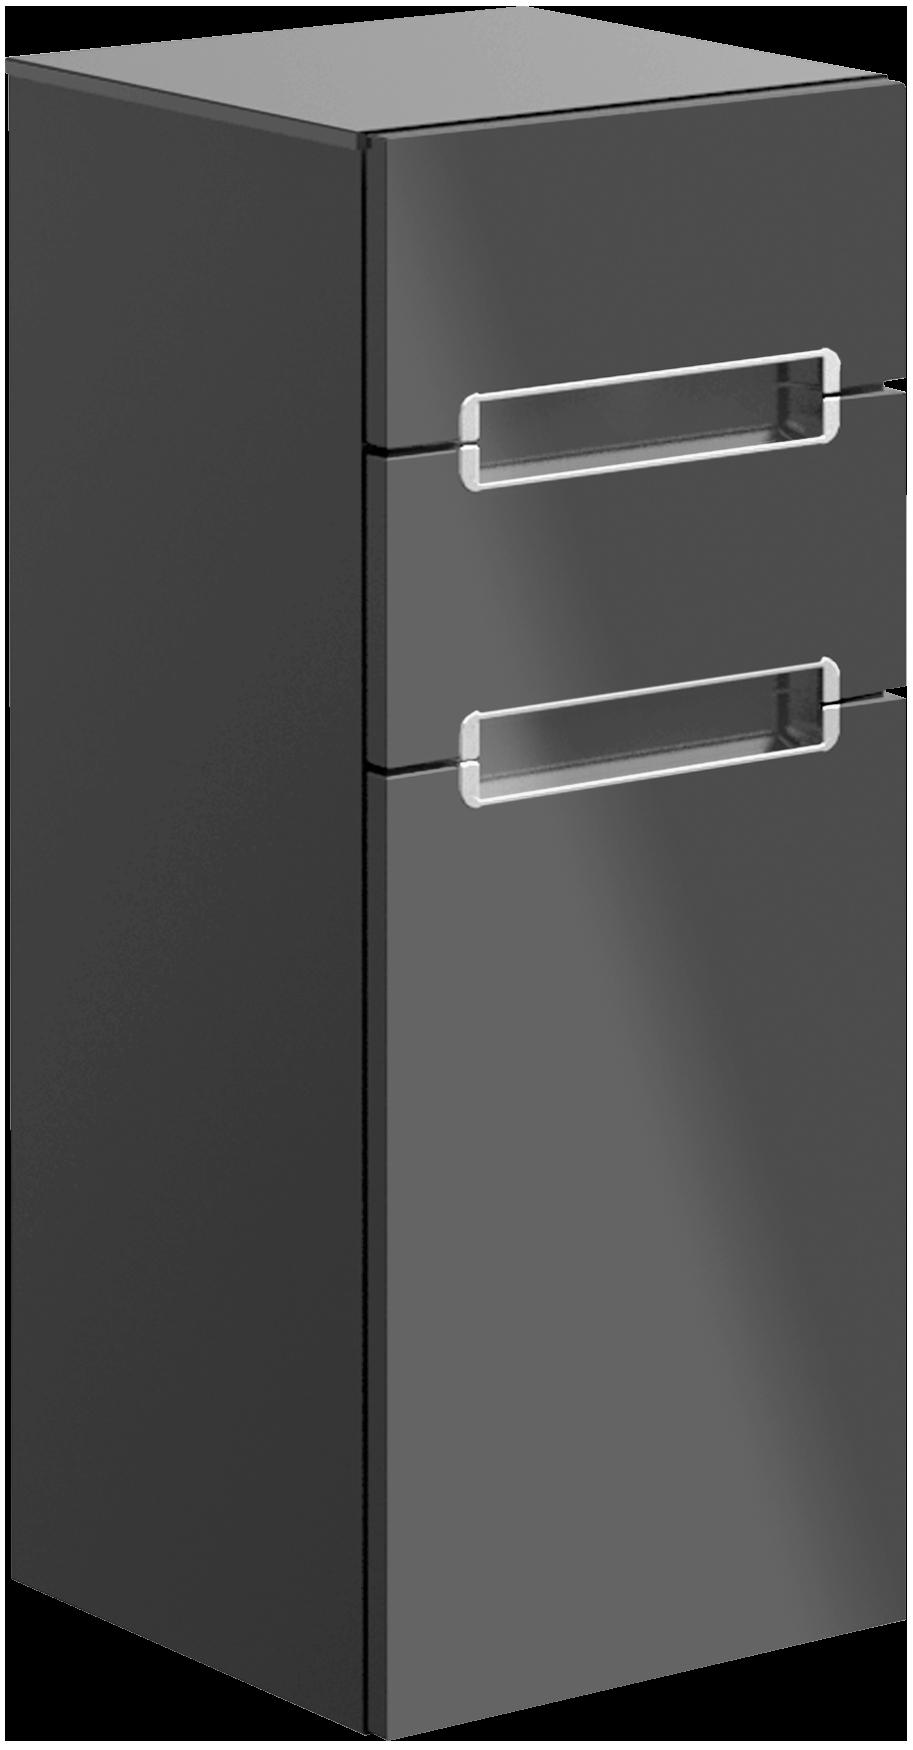 subway 2 0 side cabinet a7120r villeroy boch. Black Bedroom Furniture Sets. Home Design Ideas